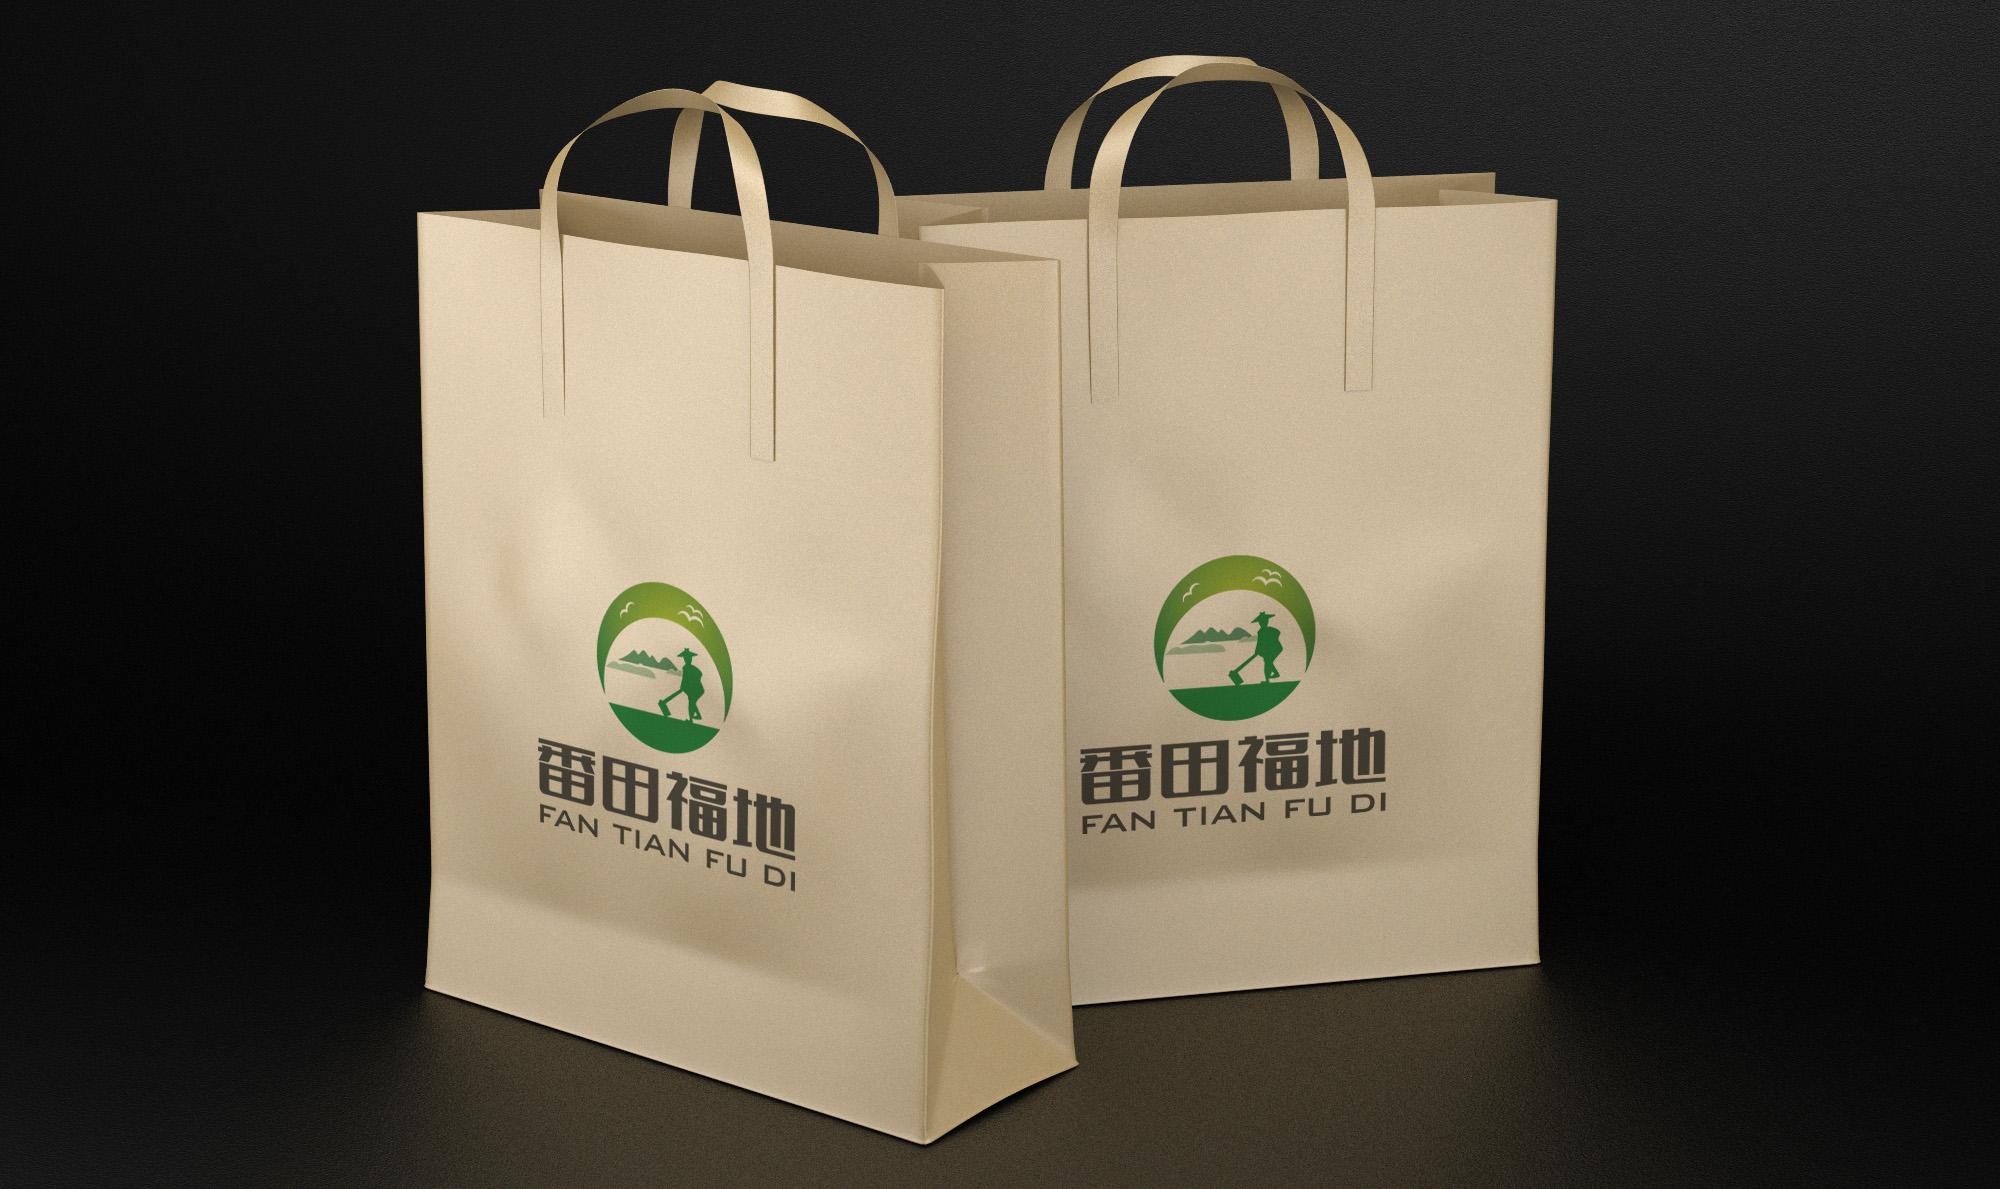 """铁棍山药商标""""番田福地""""logo设计_2959066_k68威客网"""